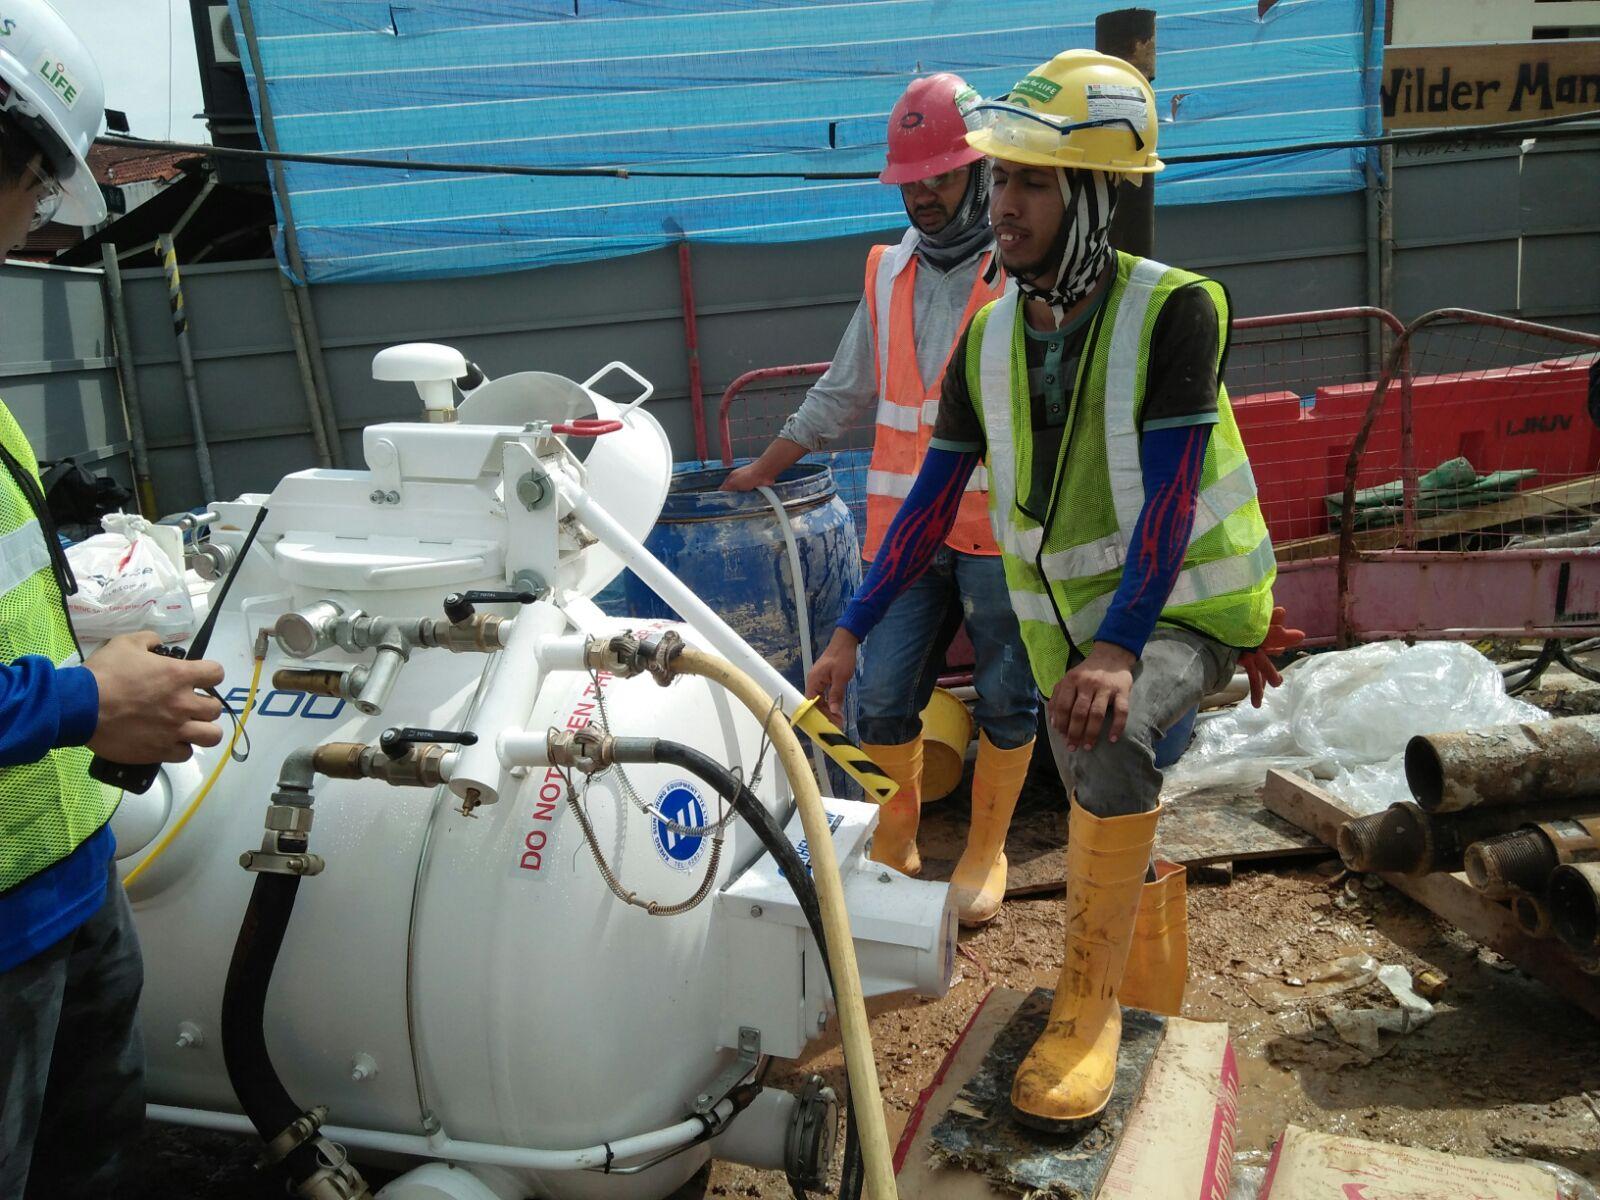 Máy bơm vữa láng nền, bơm cát, bơm bê tông đá mi VSE500 – Châu Âu dùng vận chuyển vật liệu thi công nhà cao tầng, nhà xưởng, tuyến Metro.